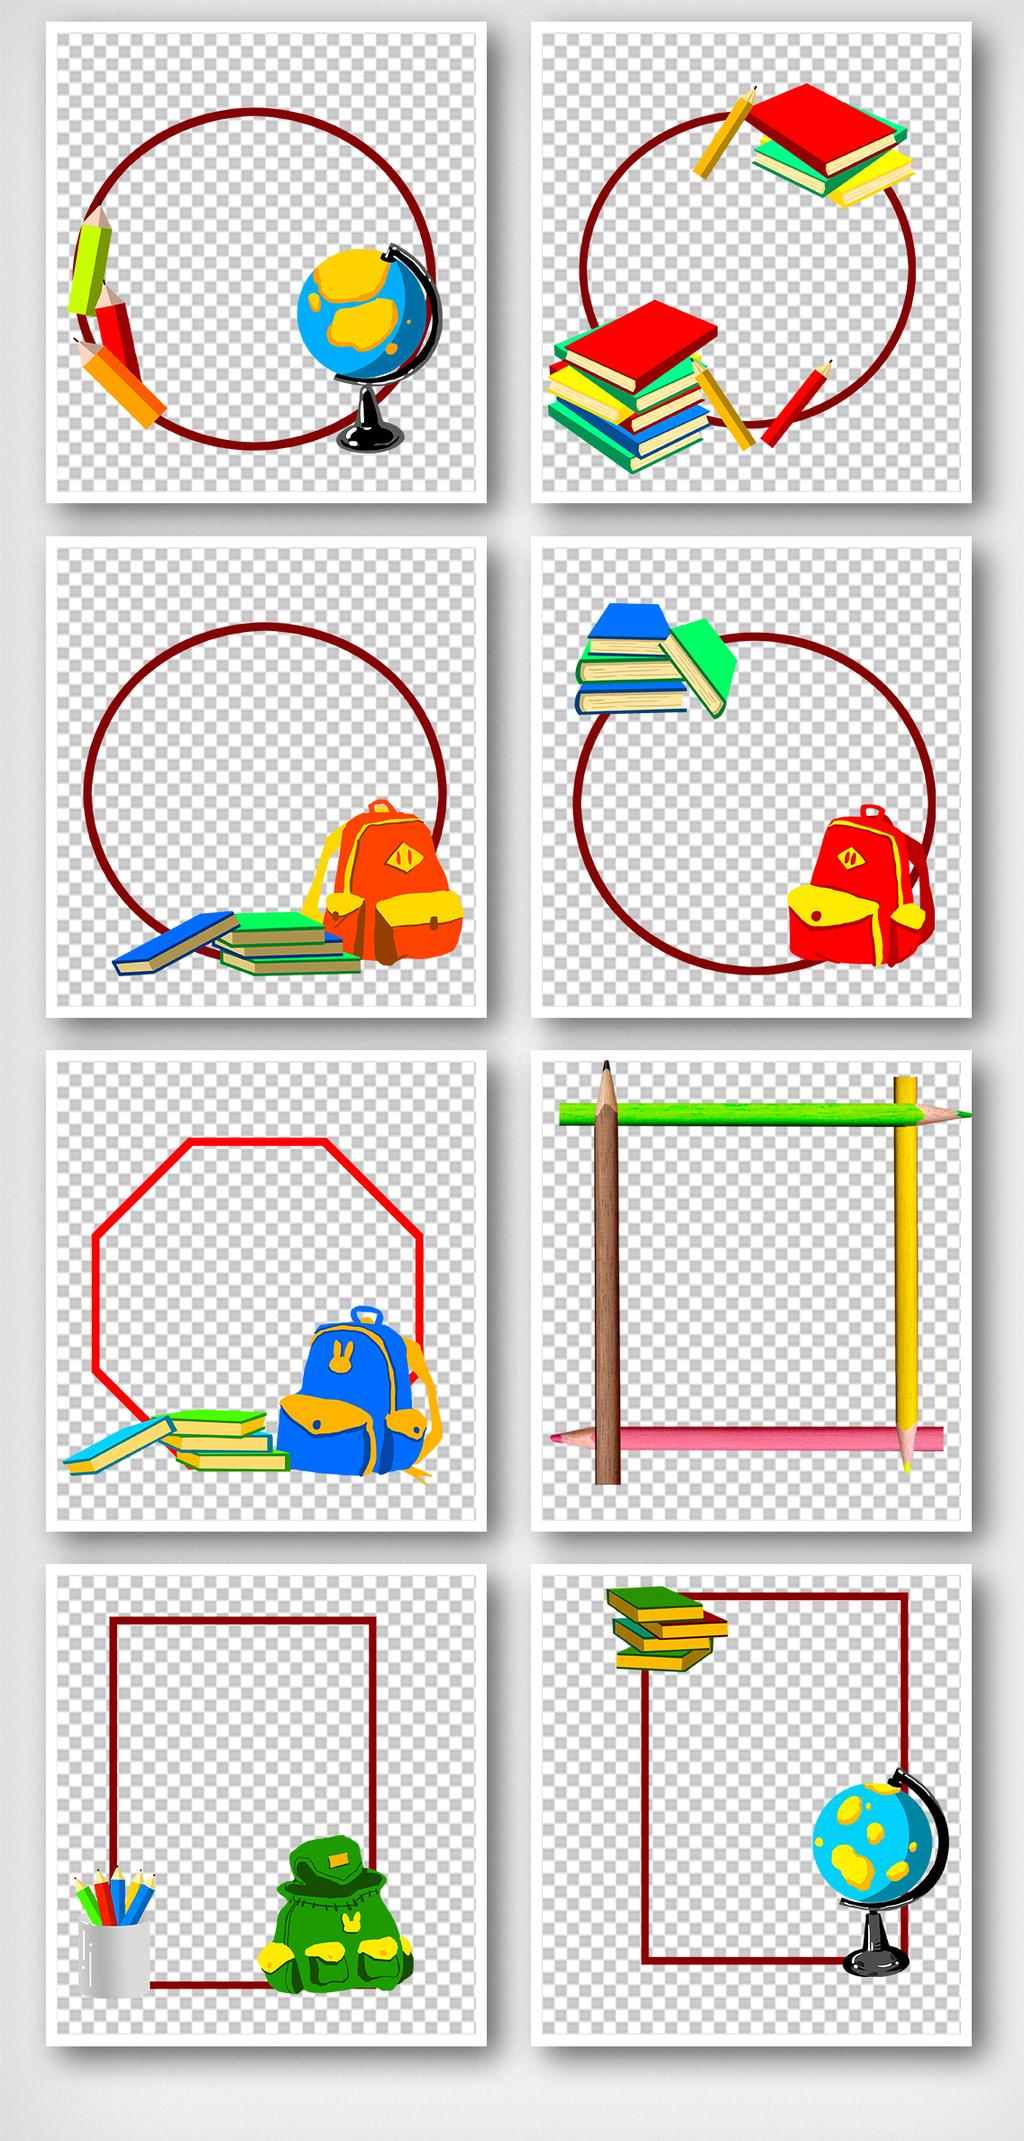 手绘文具卡通手抄报边框元素